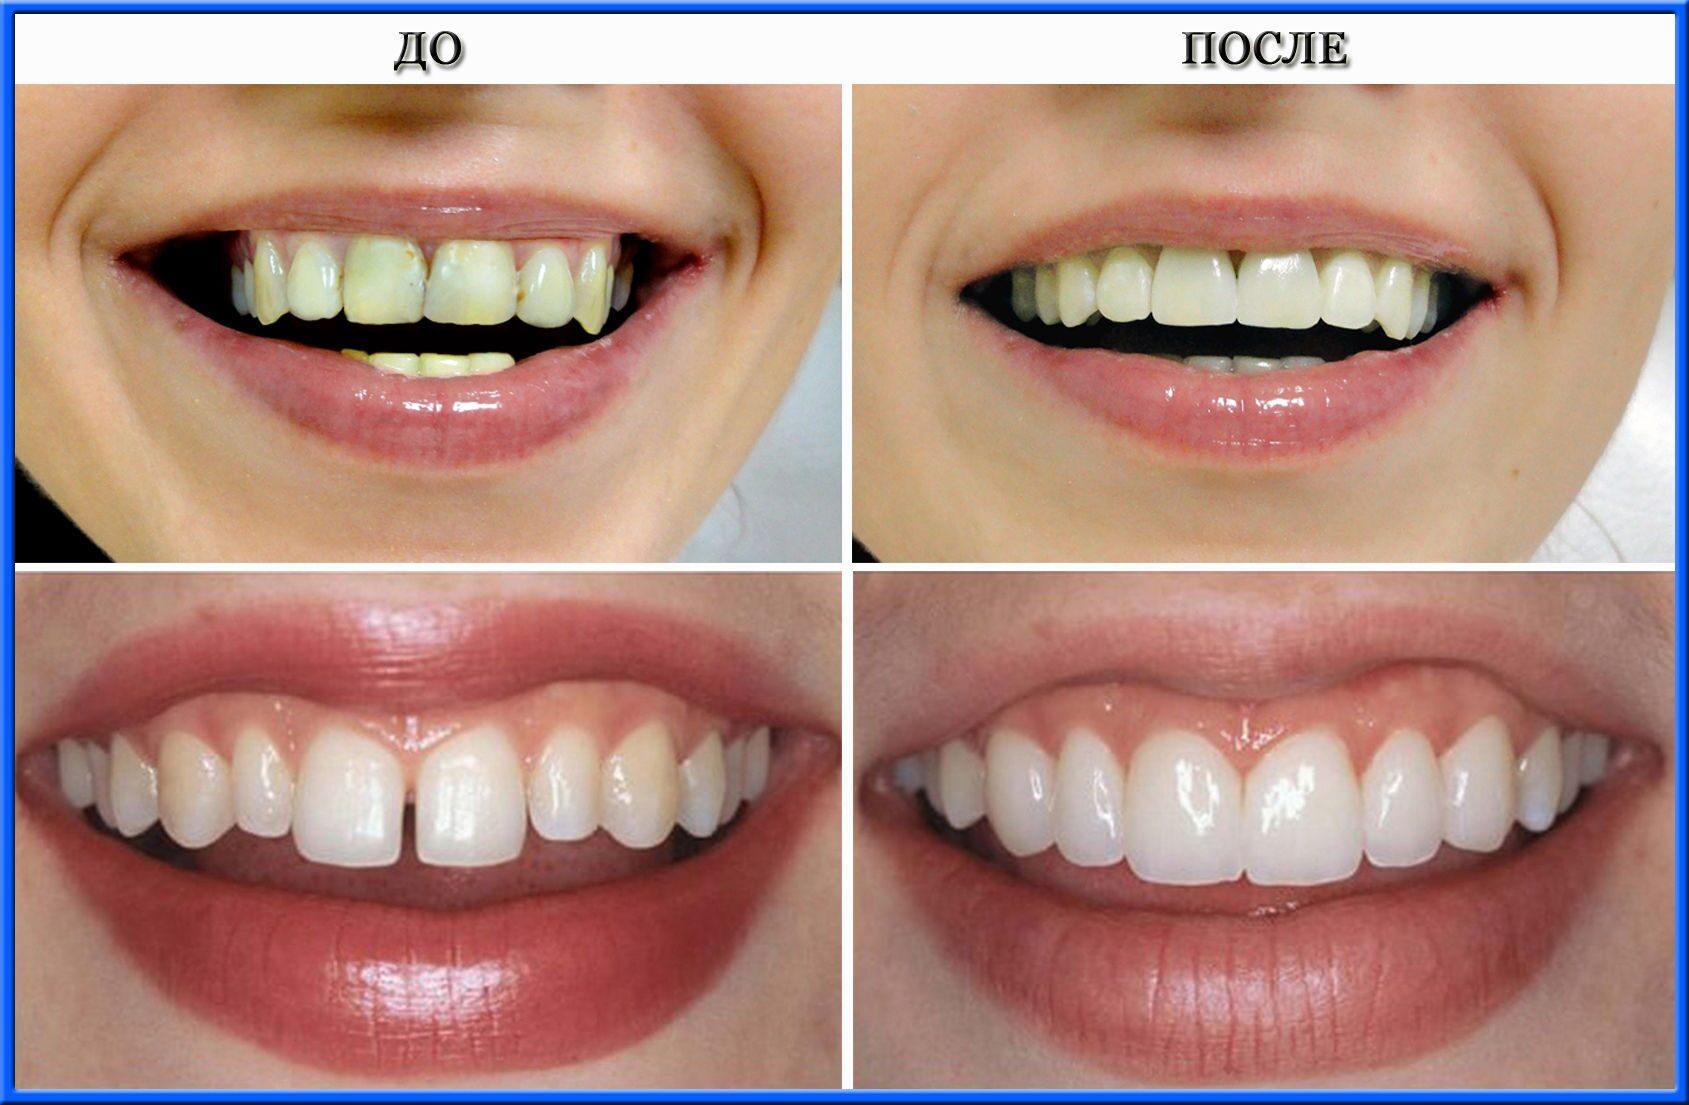 esteticheskaya restavratsiya - Художественная реставрация зубов – неотъемлемая часть эстетической стоматологии